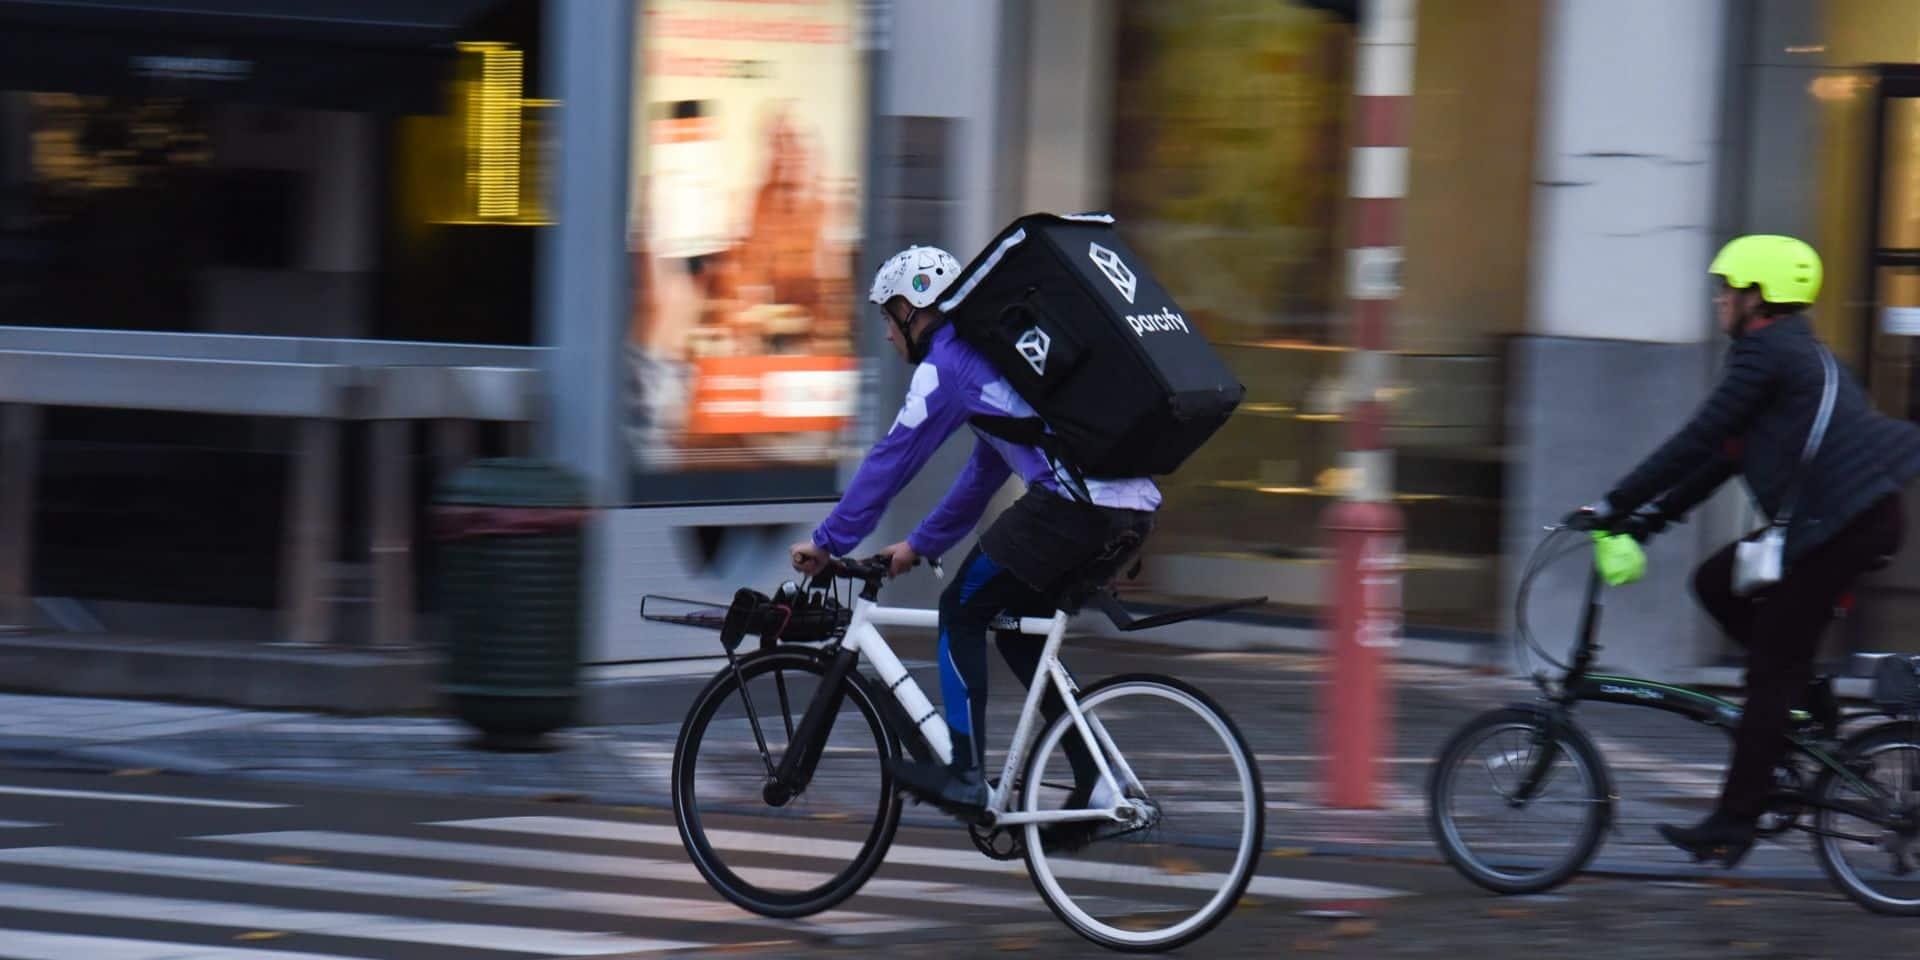 La majorité des livreurs de repas à vélo à Bruxelles sont sans-papiers